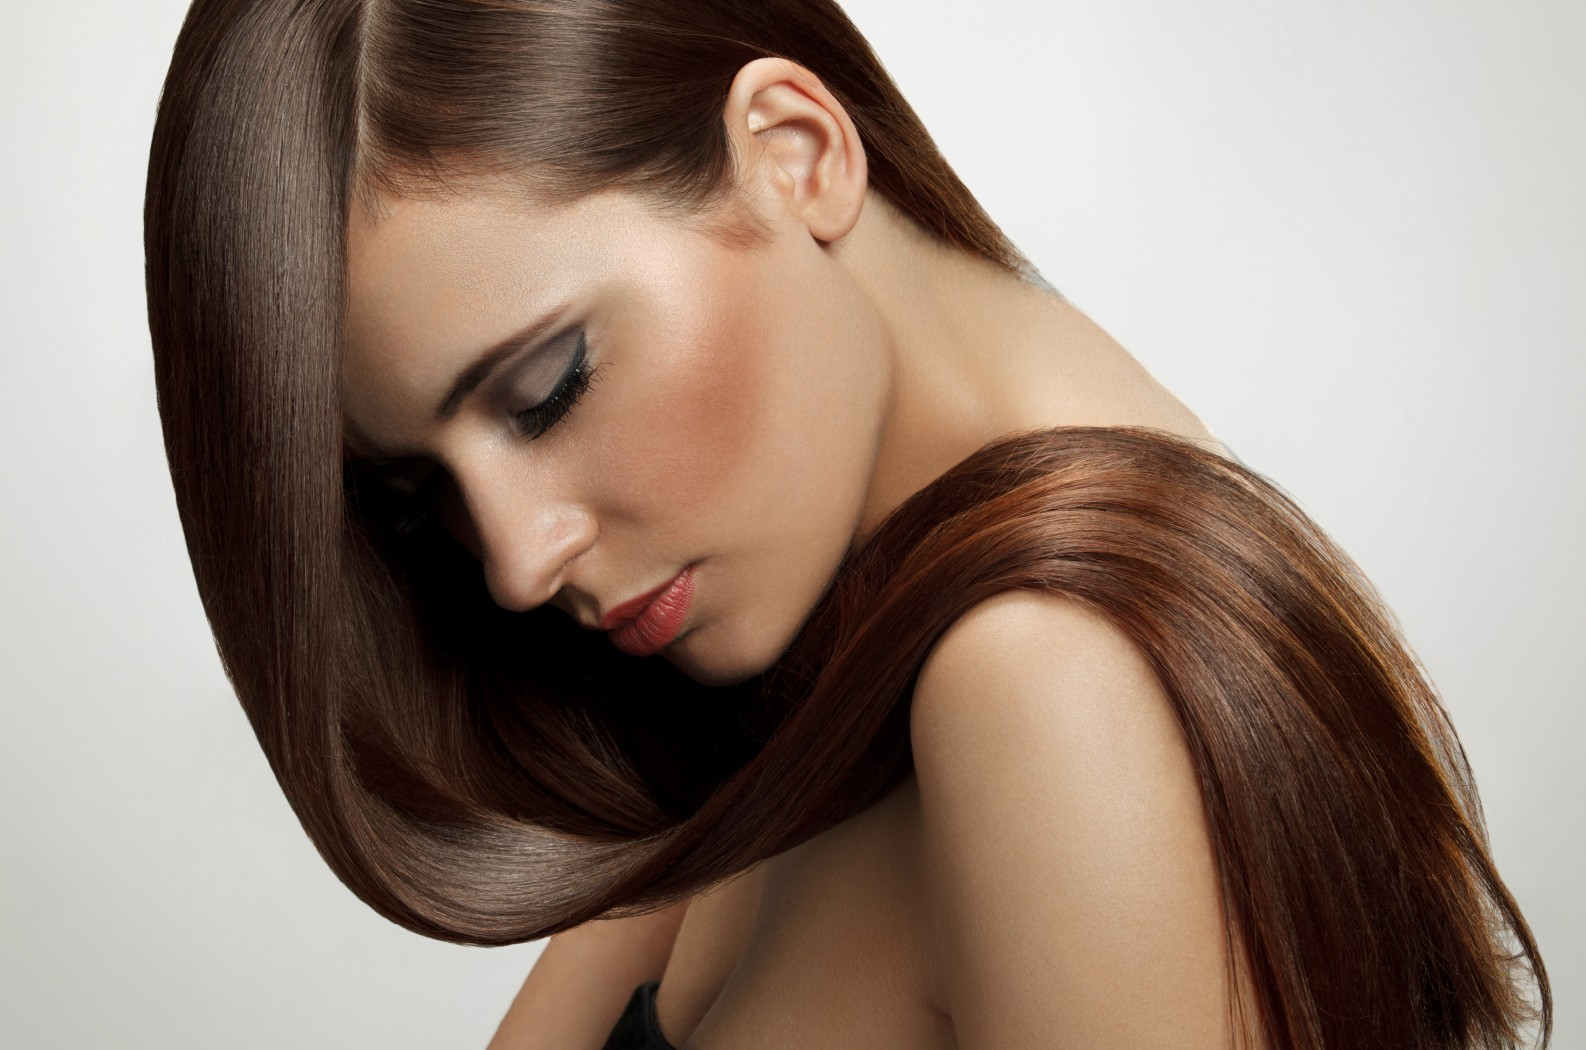 Сексуальный приворот по волосам и воску